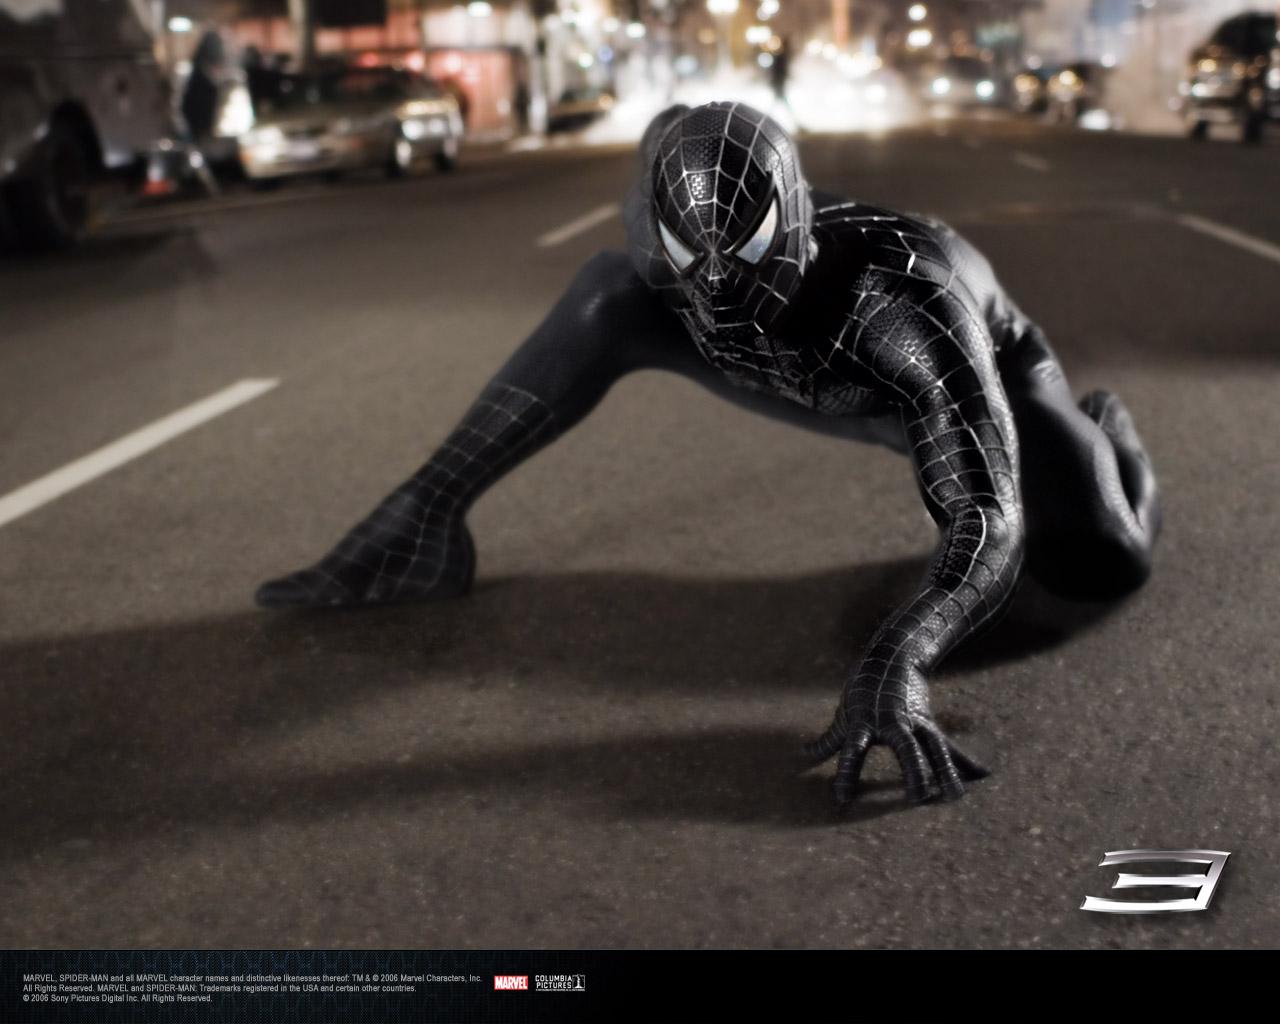 http://4.bp.blogspot.com/-CpKWrt7kNiY/TpLwmWXaeDI/AAAAAAAABDk/QlvM6OTsAAg/s1600/spider+man+3+2.jpg